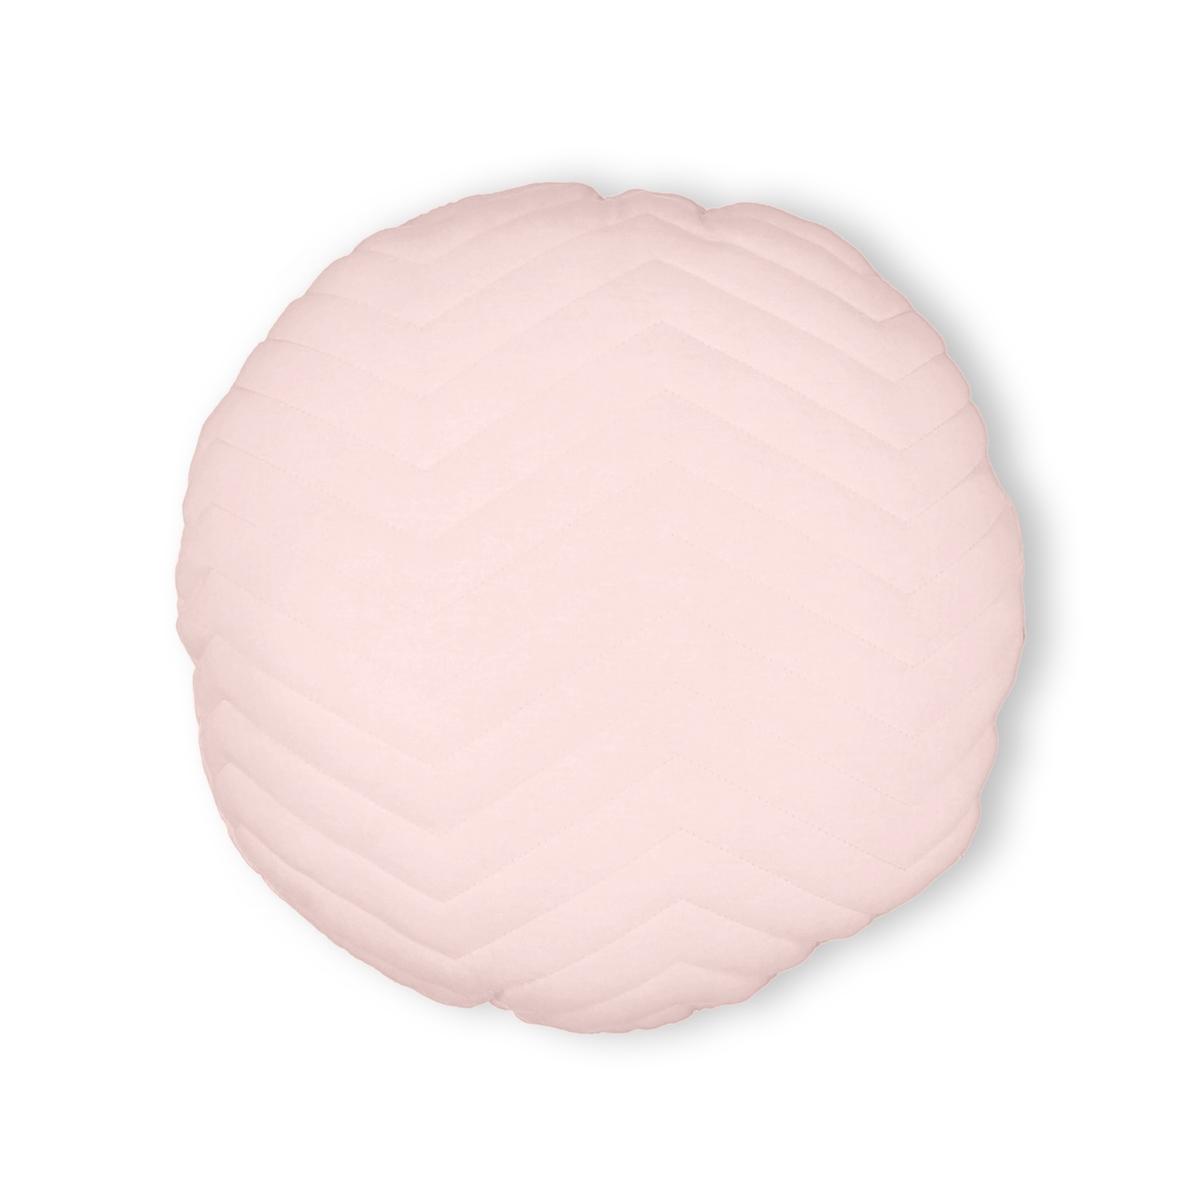 Подушка круглая стеганая, KAYOUОписание:Круглая стеганая подушка, KAYOU. Она легко размещается в углу дивана для нашего комфорта, а его нежная расцветка добавляет мягкую нотку !Характеристики подушки KAYOU :Джерси из полиэстера Зигзагообразная прострочкаНаполнитель 100% полиэстер Размер подушки KAYOU :Круглая, диаметр 40 смНайдите всю коллекцию KAYOU на нашем сайте  .ruЗнак Oeko-Tex® гарантирует, что товары прошли проверку и были изготовлены без применения вредных для здоровья человека веществ.<br><br>Цвет: розовая пудра